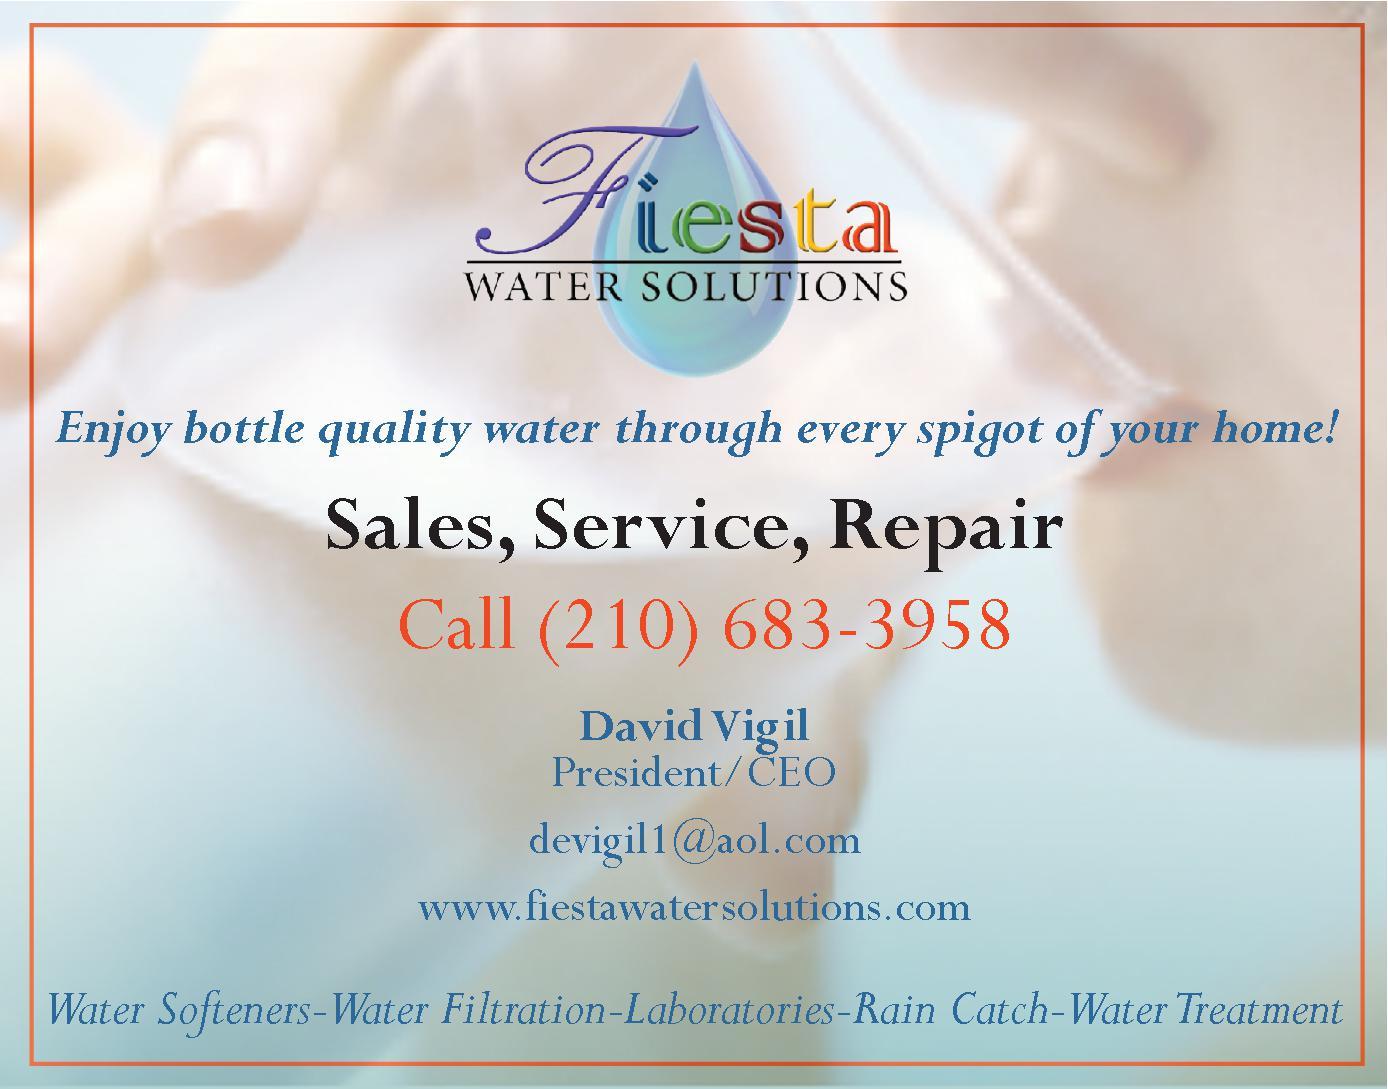 Fiesta Water Filtration